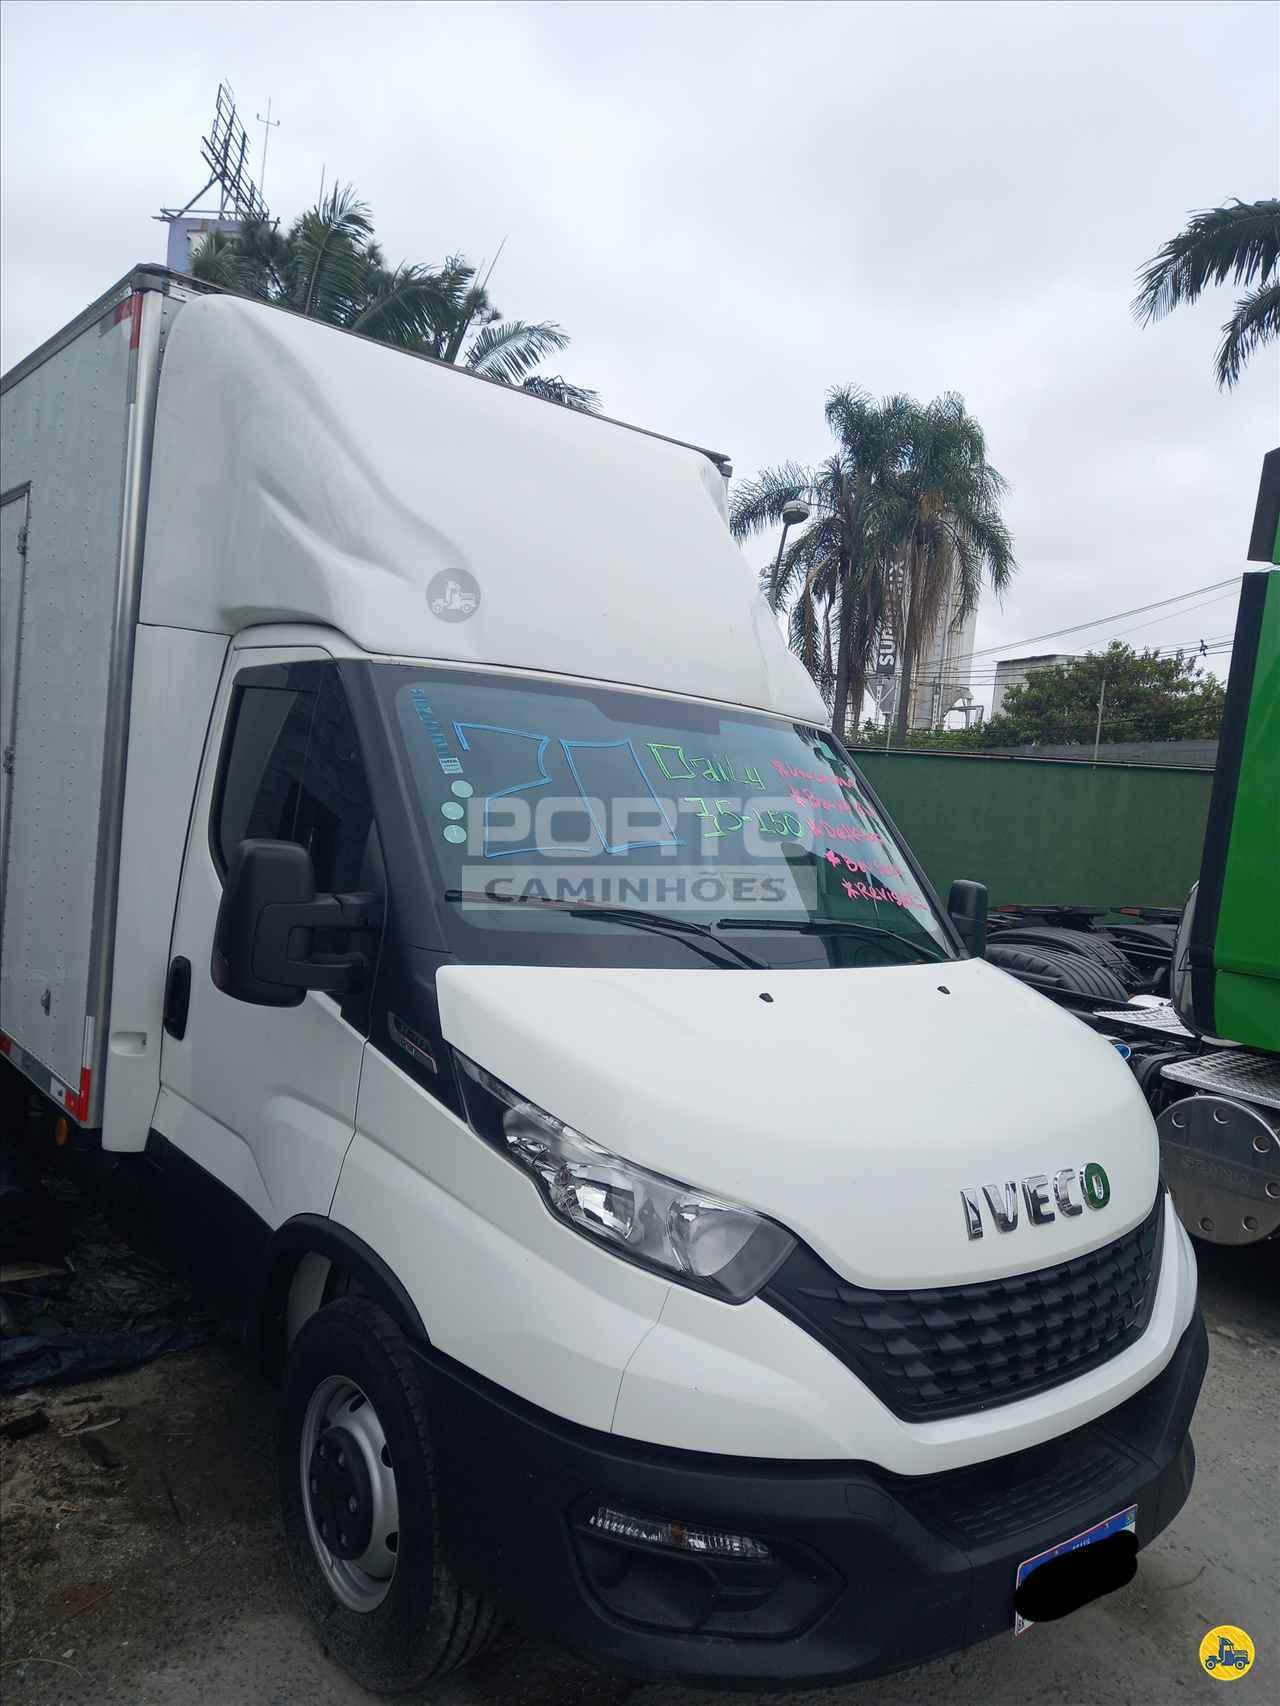 DAILY 35-150 de Porto Caminhões - GUARULHOS/SP